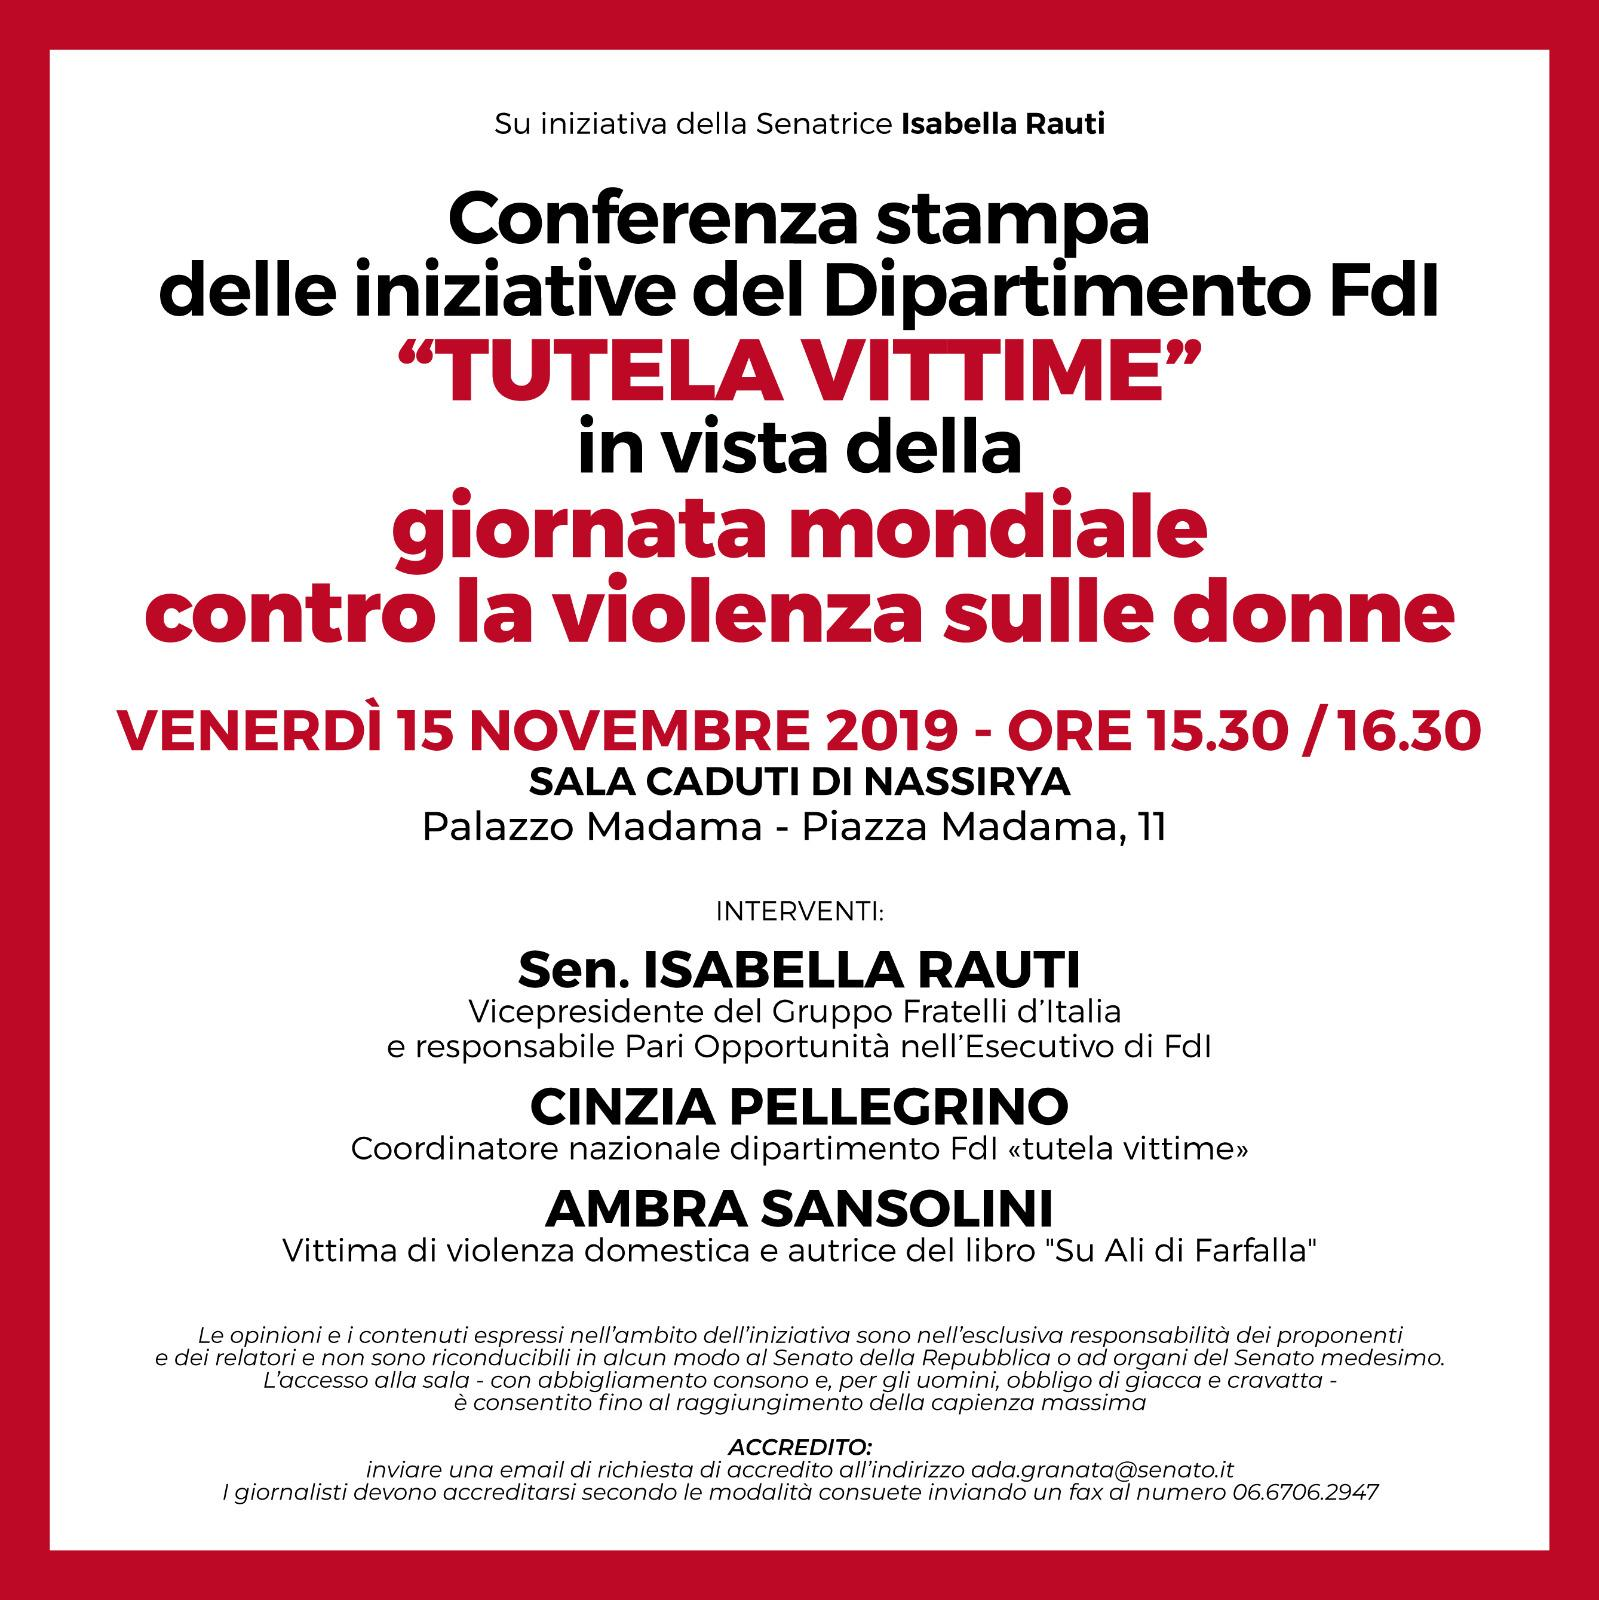 Conferenza stampa Fratelli d'Italia per la giornata mondiale contro la violenza sulle donne